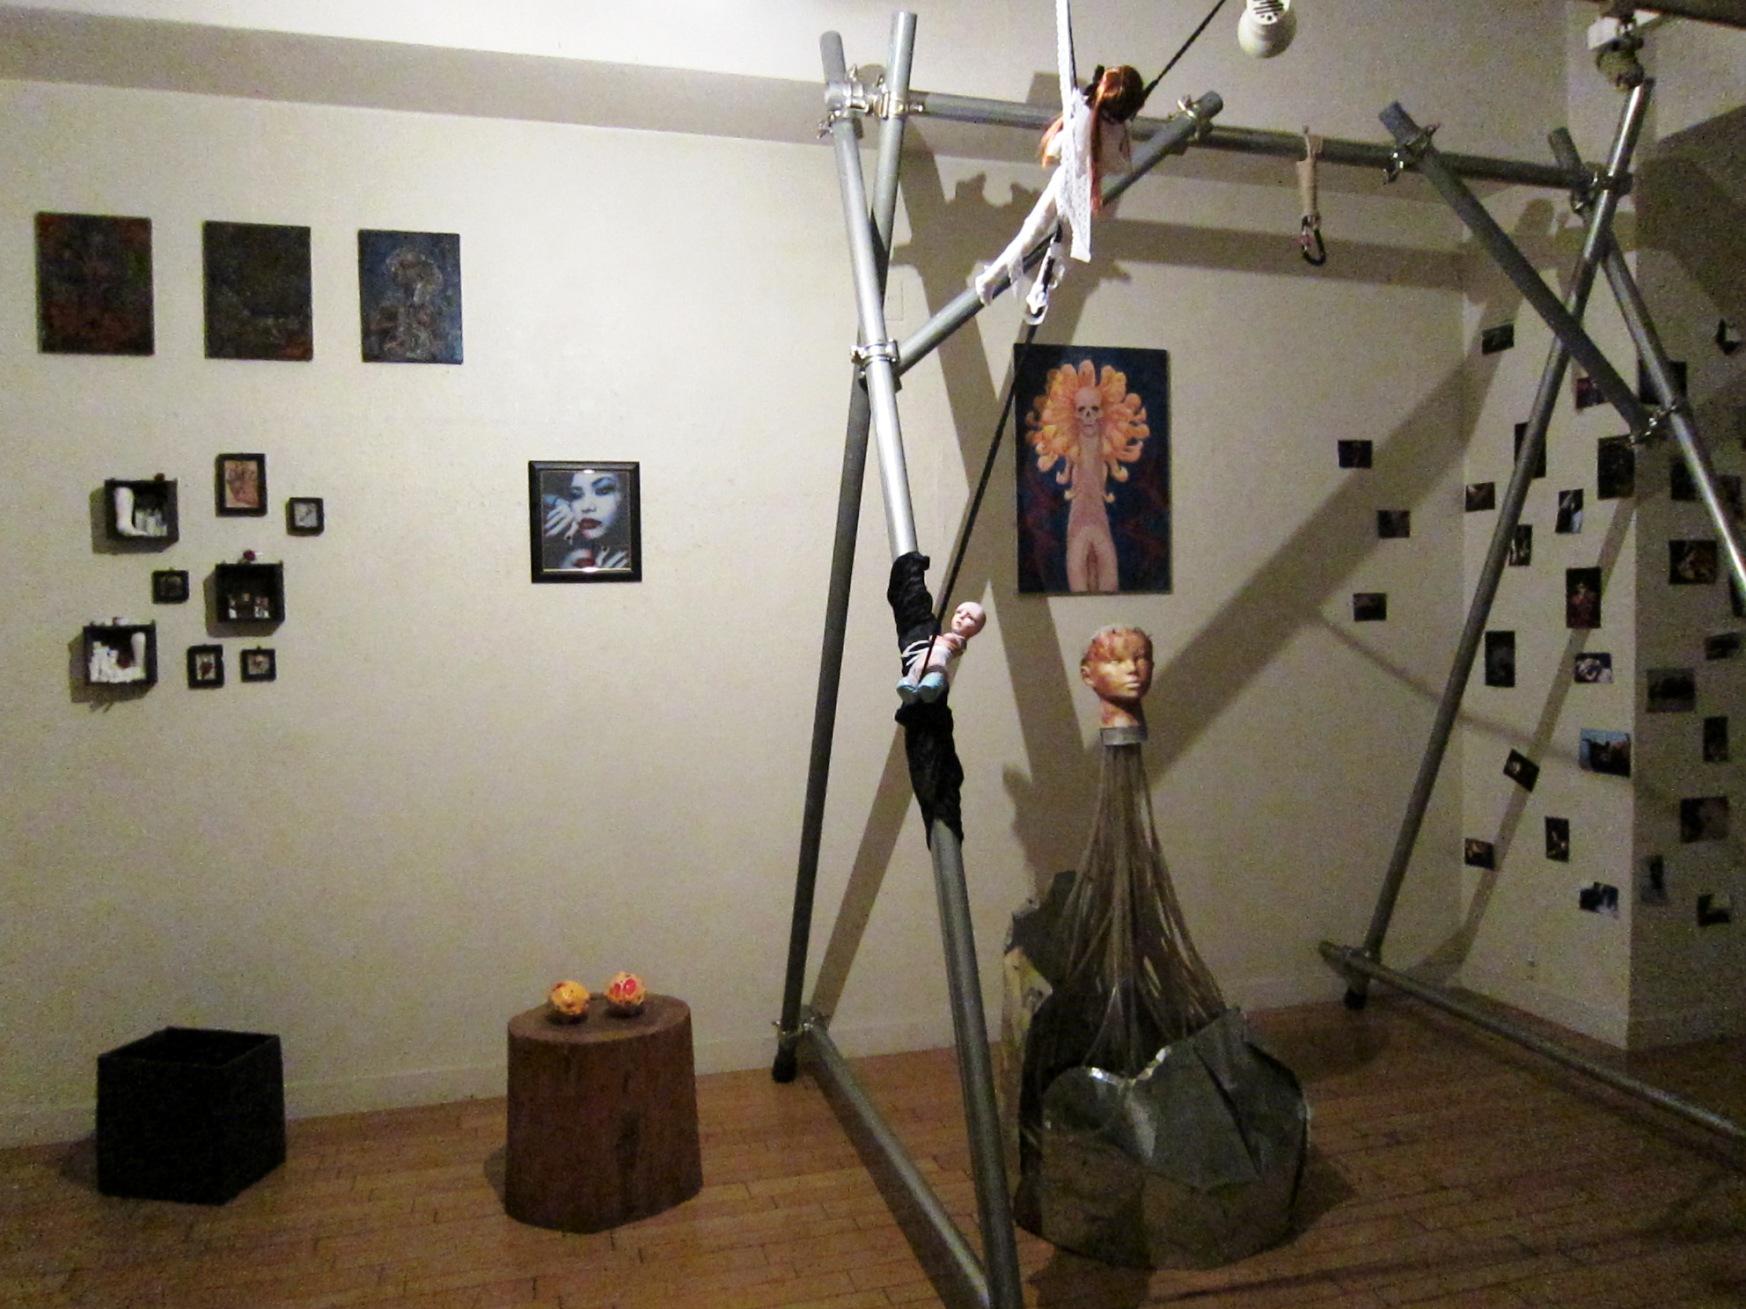 2211) 「札幌地下之会 展」 たぴお 9月16日(月)~9月21日(土)_f0126829_21153768.jpg